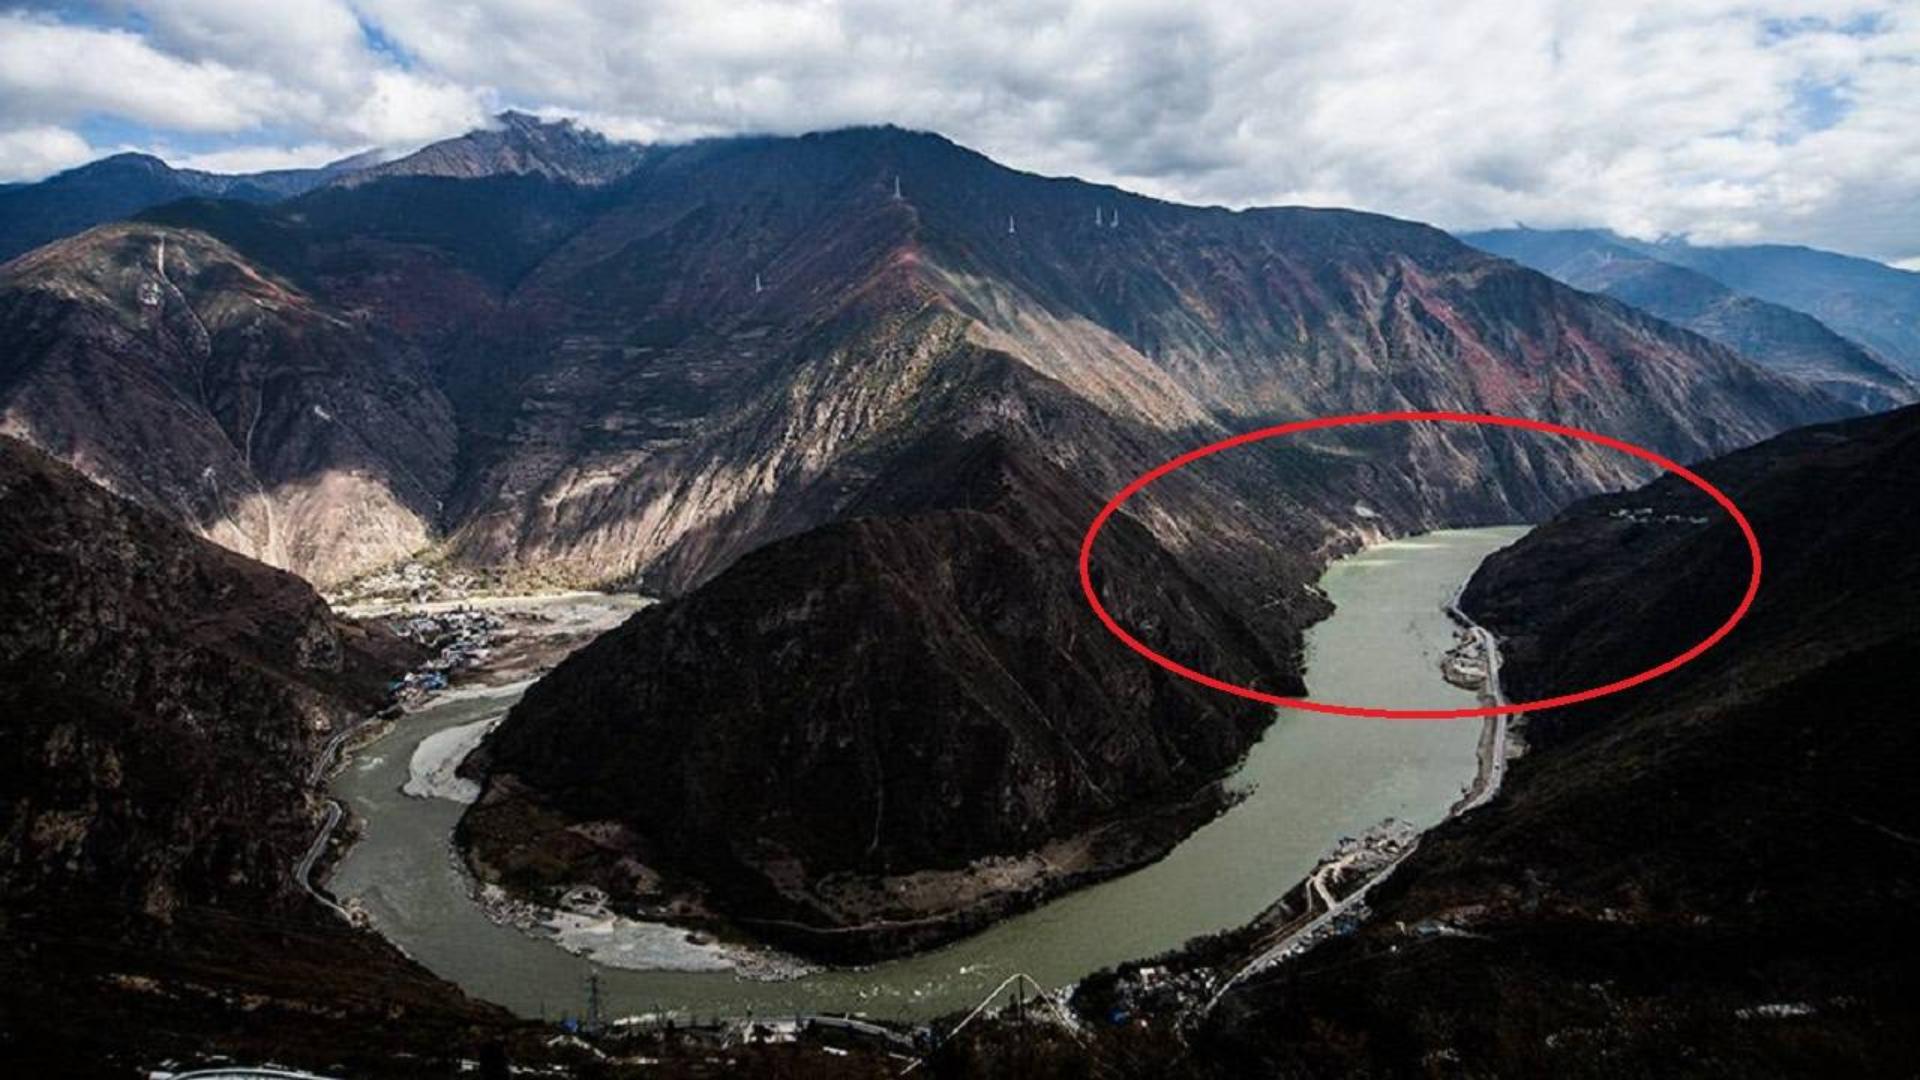 横向截断大渡河,这是中国正在建设的世界最高大坝,年产数十亿千瓦